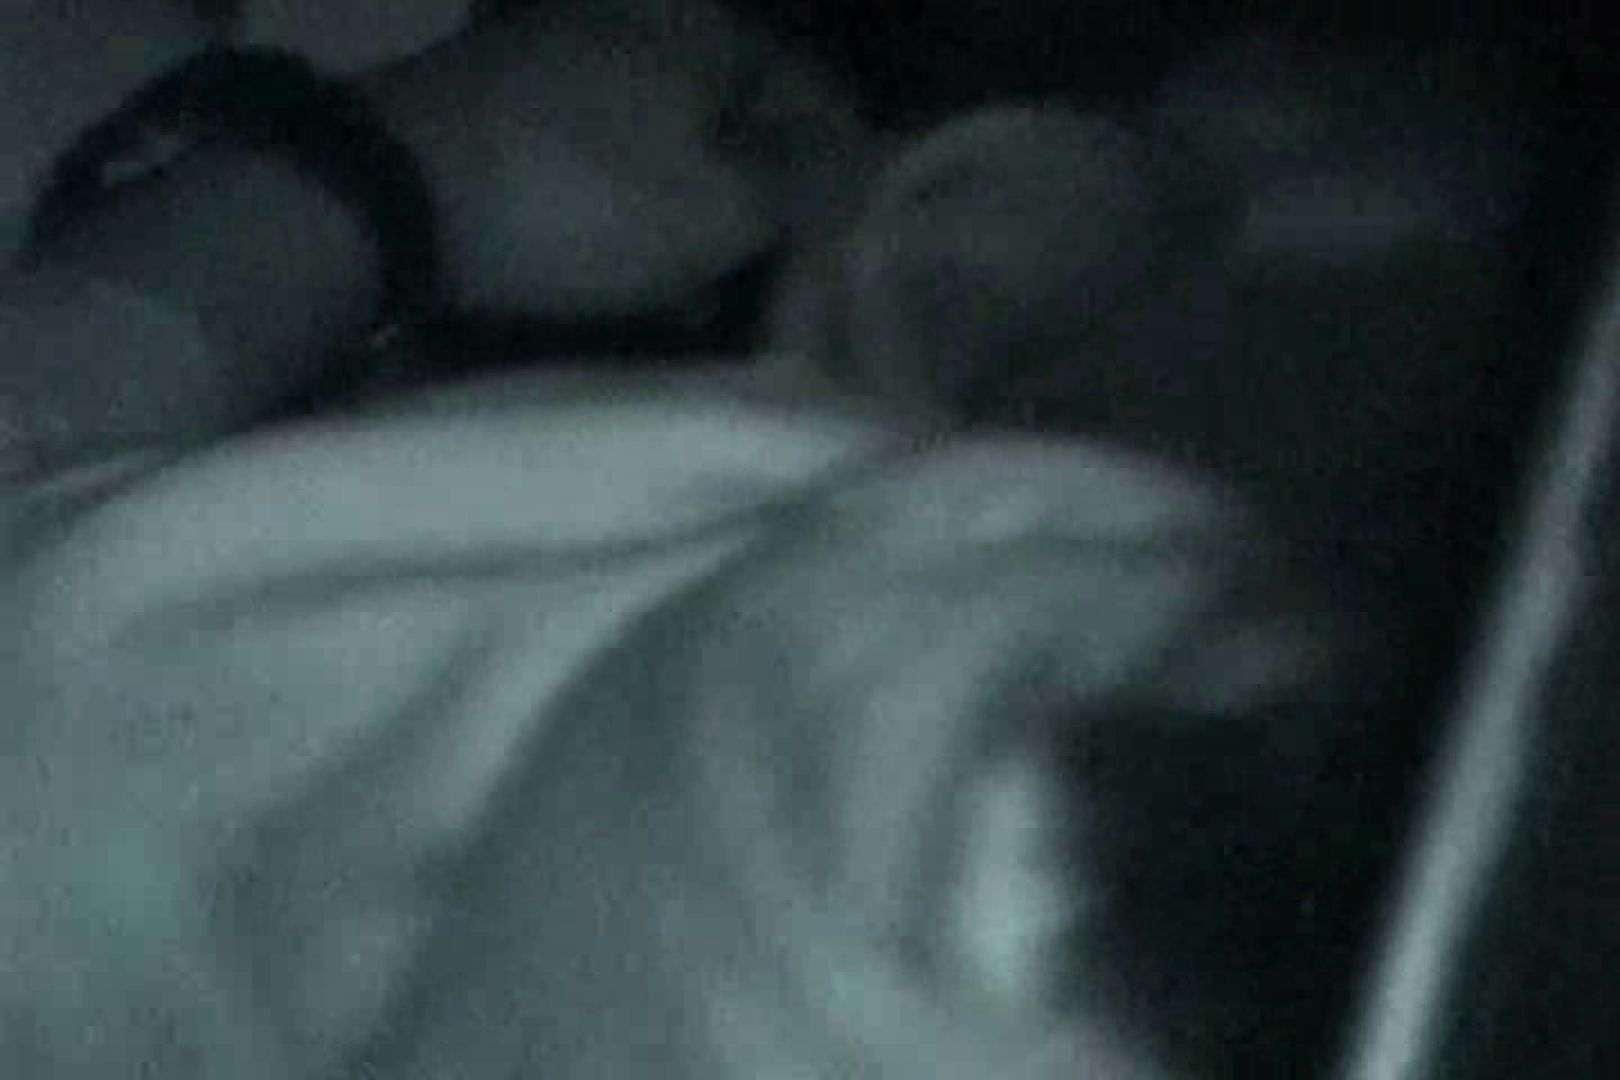 充血監督の深夜の運動会Vol.138 クンニ のぞきおめこ無修正画像 65連発 55